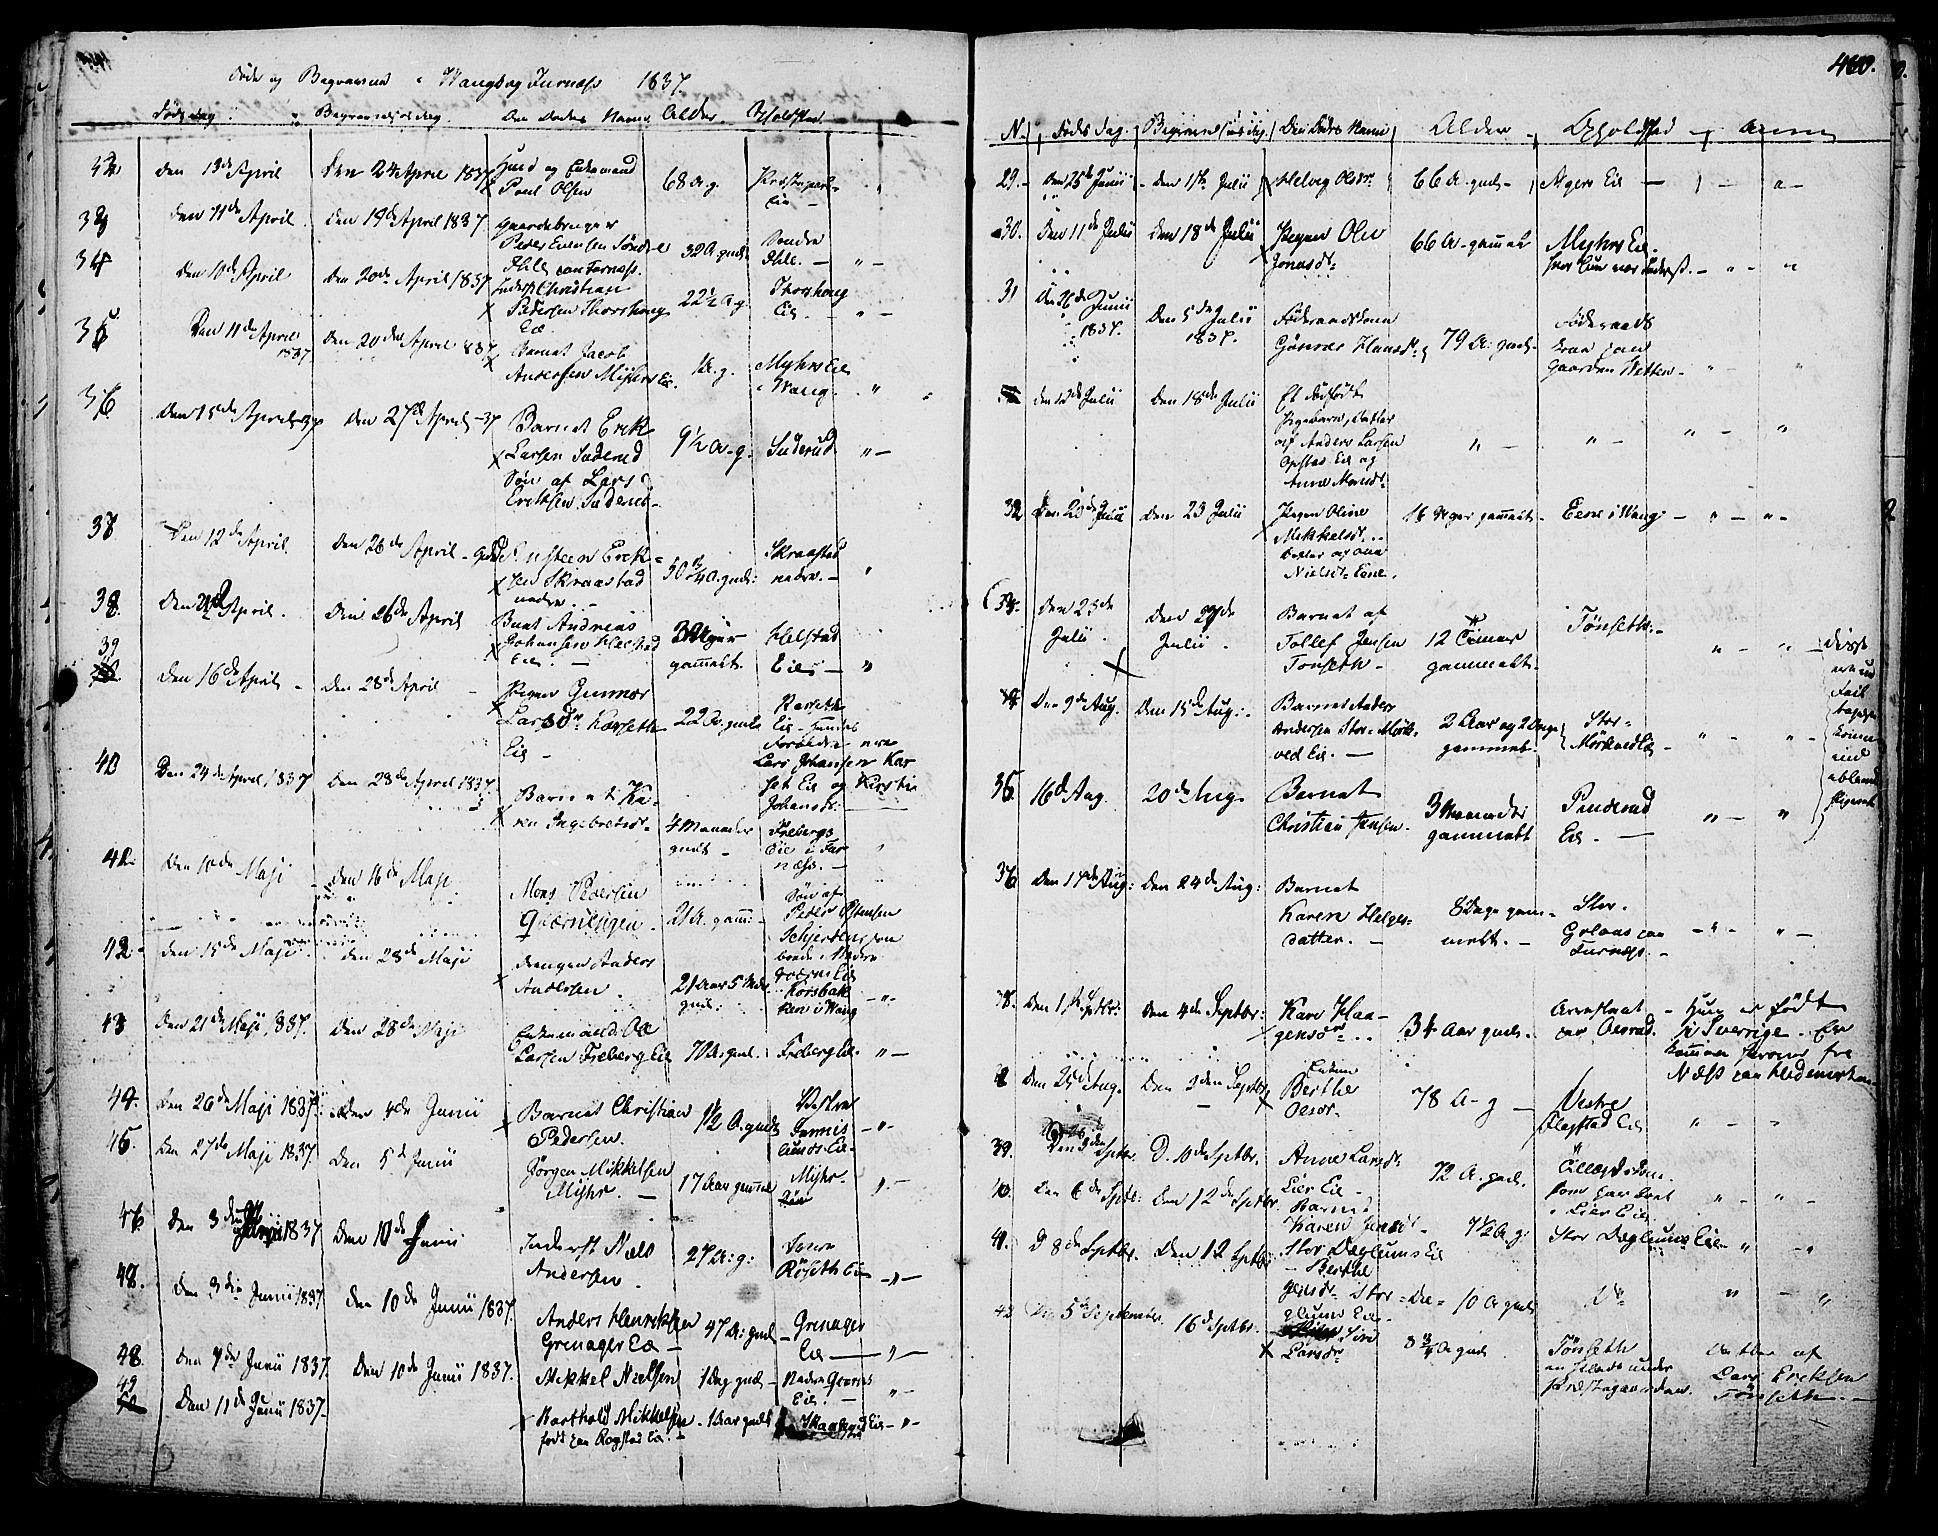 SAH, Vang prestekontor, Hedmark, H/Ha/Haa/L0009: Ministerialbok nr. 9, 1826-1841, s. 460